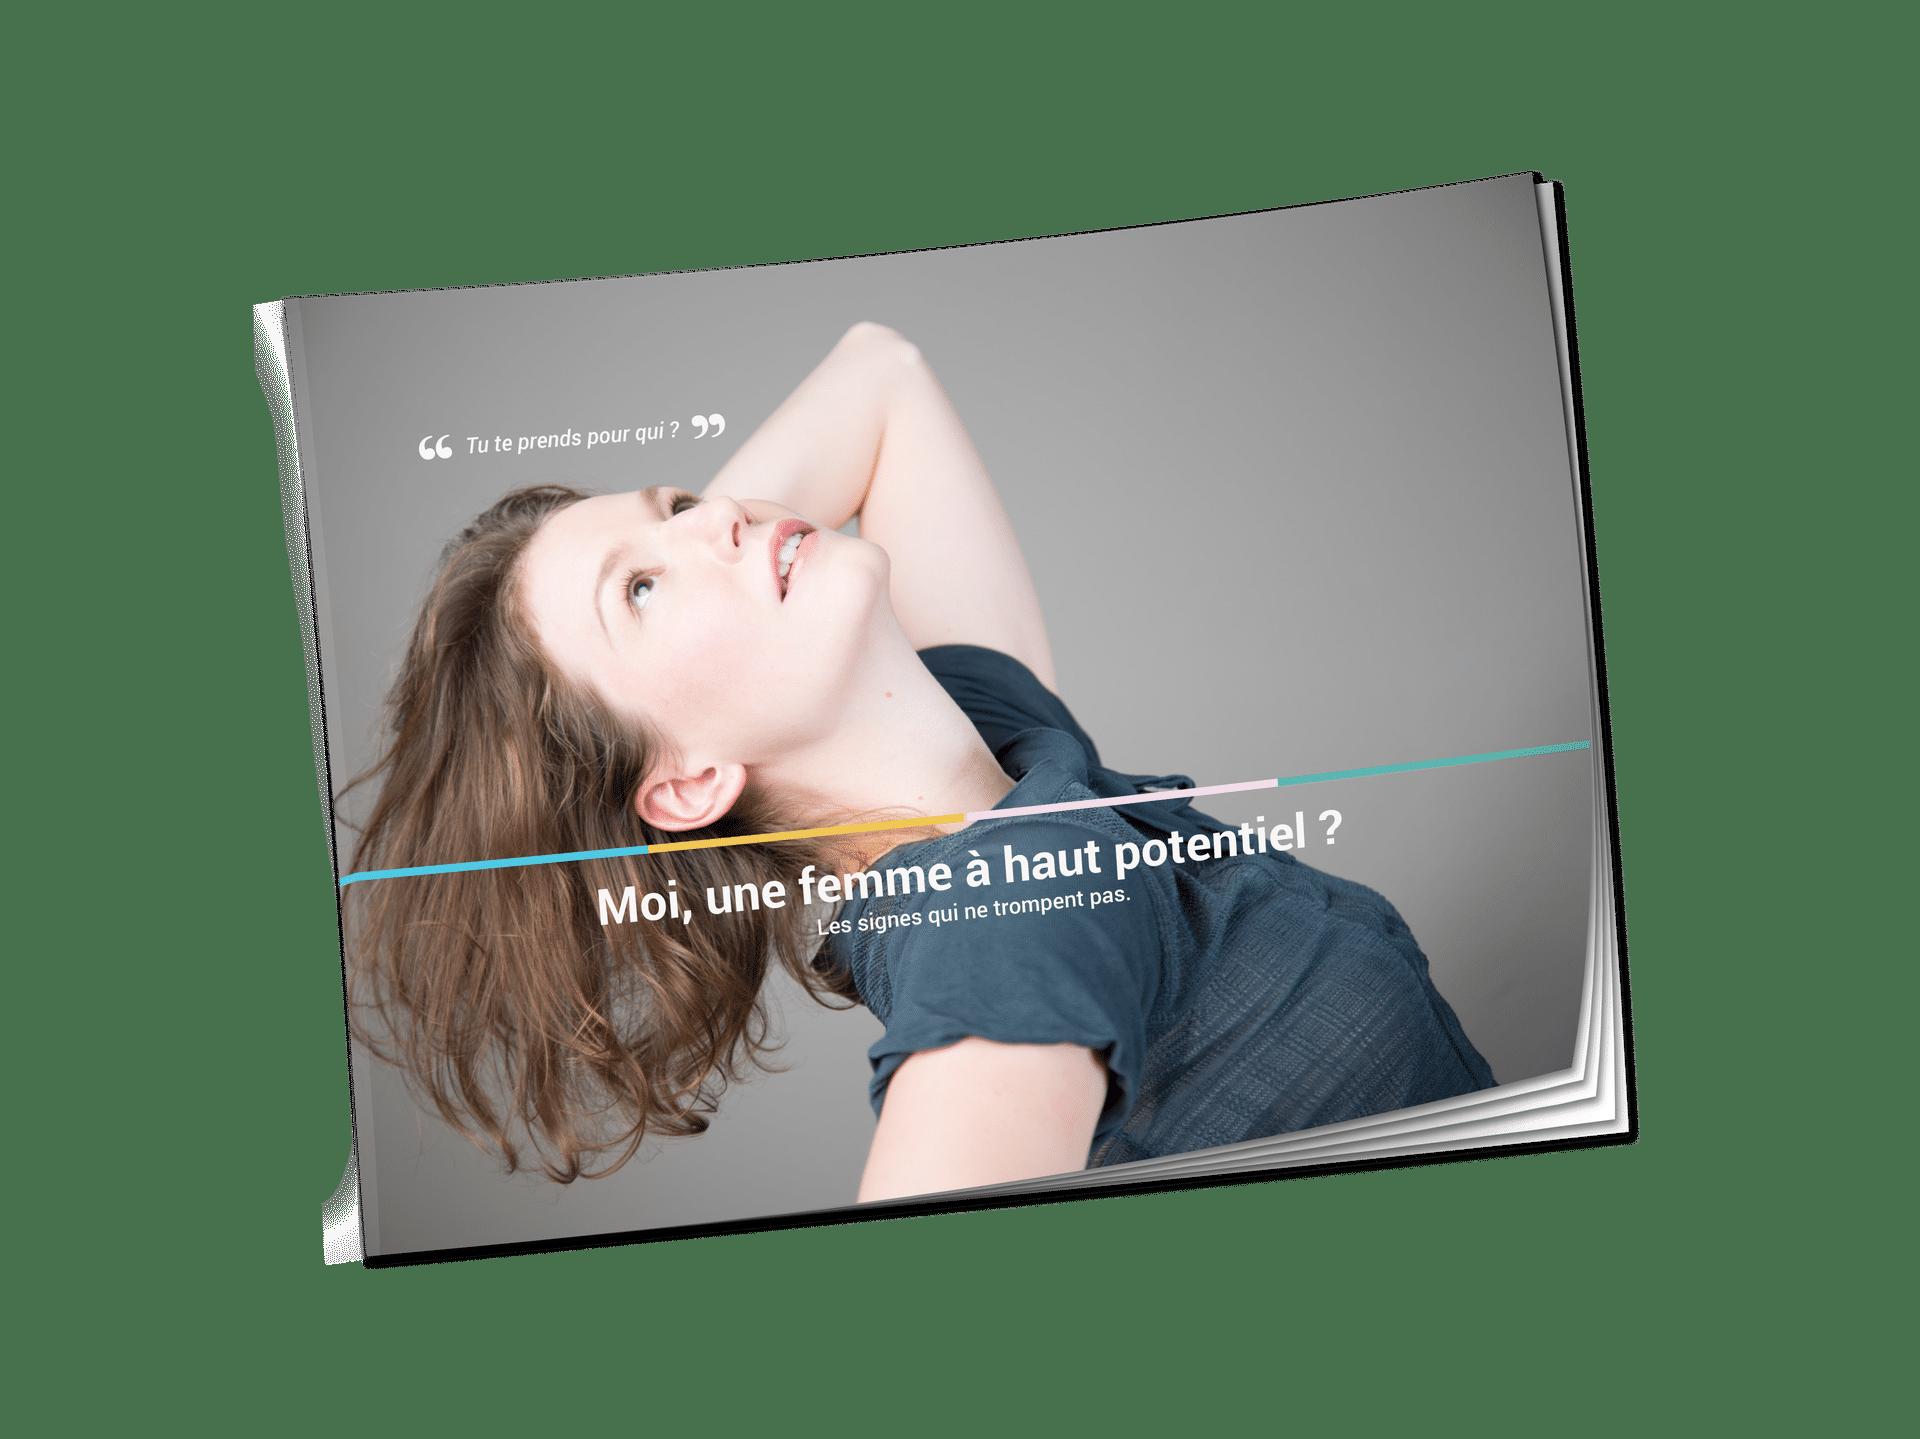 sites/36866722/ebook_femmehautpotentiel-02.png